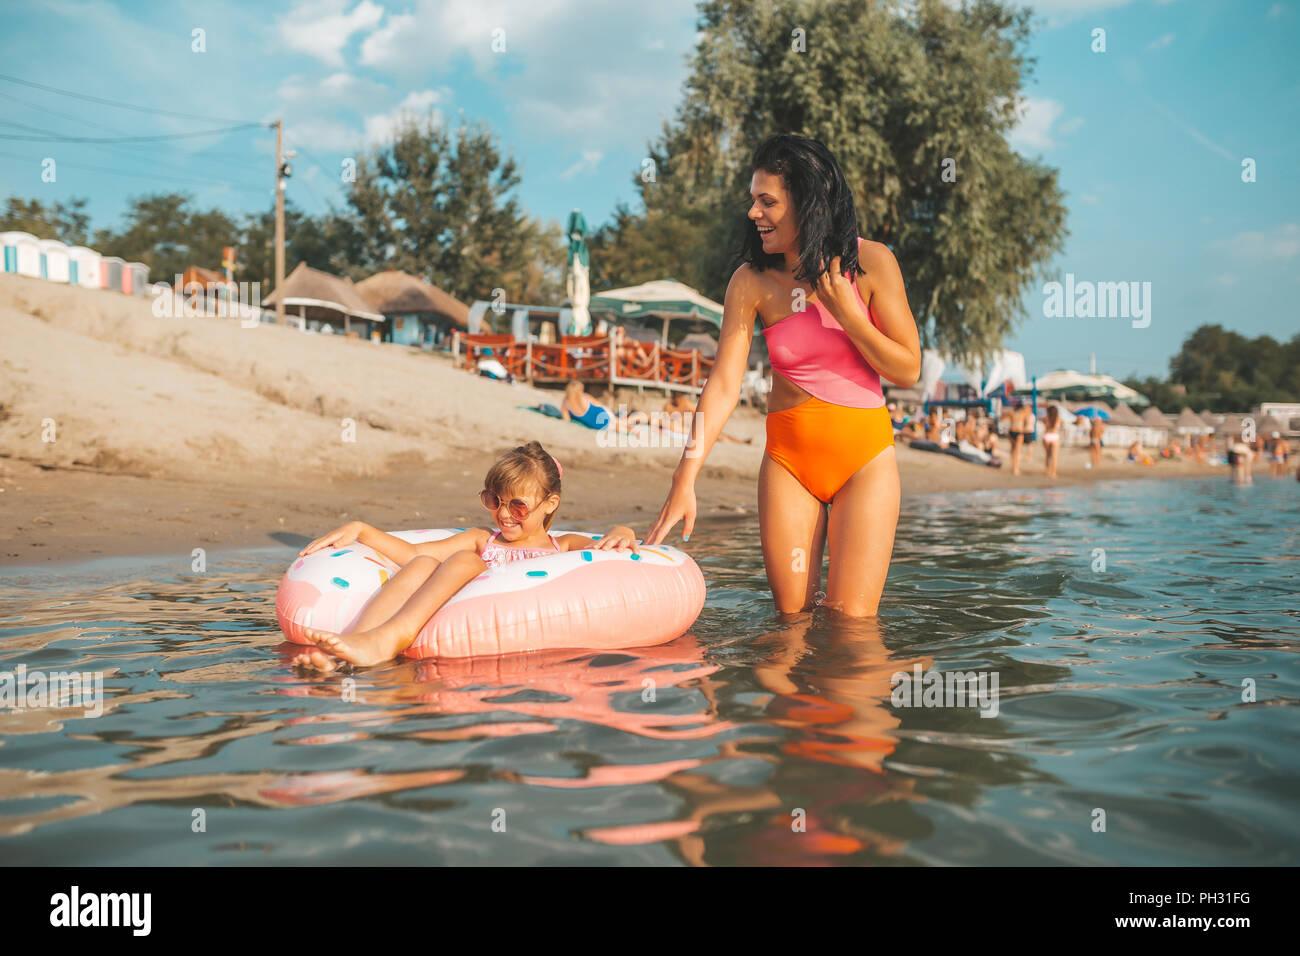 Mère et fille une et relaxant dans l'eau sur un donut gonflable. Des vacances d'été Photo Stock